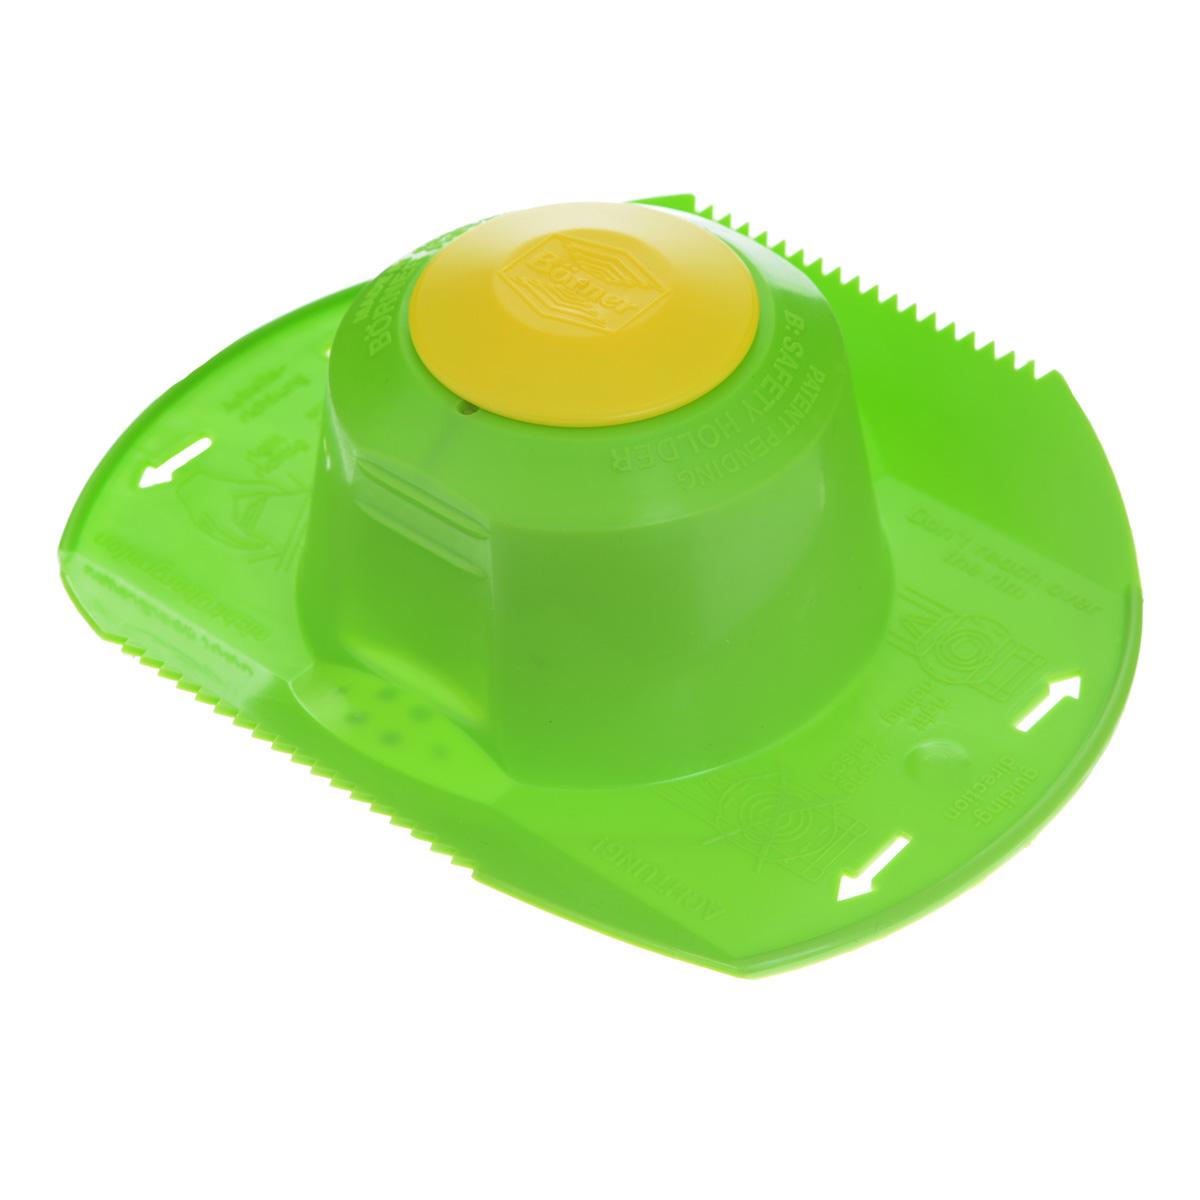 Плододержатель Borner, цвет: зеленый3290051Пластиковый плододержатель Borner необходим для 100% нарезки продукта до конца и защиты рук. Шапочка-держатель обязательно входит во все комплекты овощерезок, а также в комплектацию стальных четырехгранных терок. Кроме того, плододержатель продается отдельно. Рекомендуется покупать его для работы со всеми видами терок и овощерезок любого производства.Размер: 15 см х 12 см х 4 см.